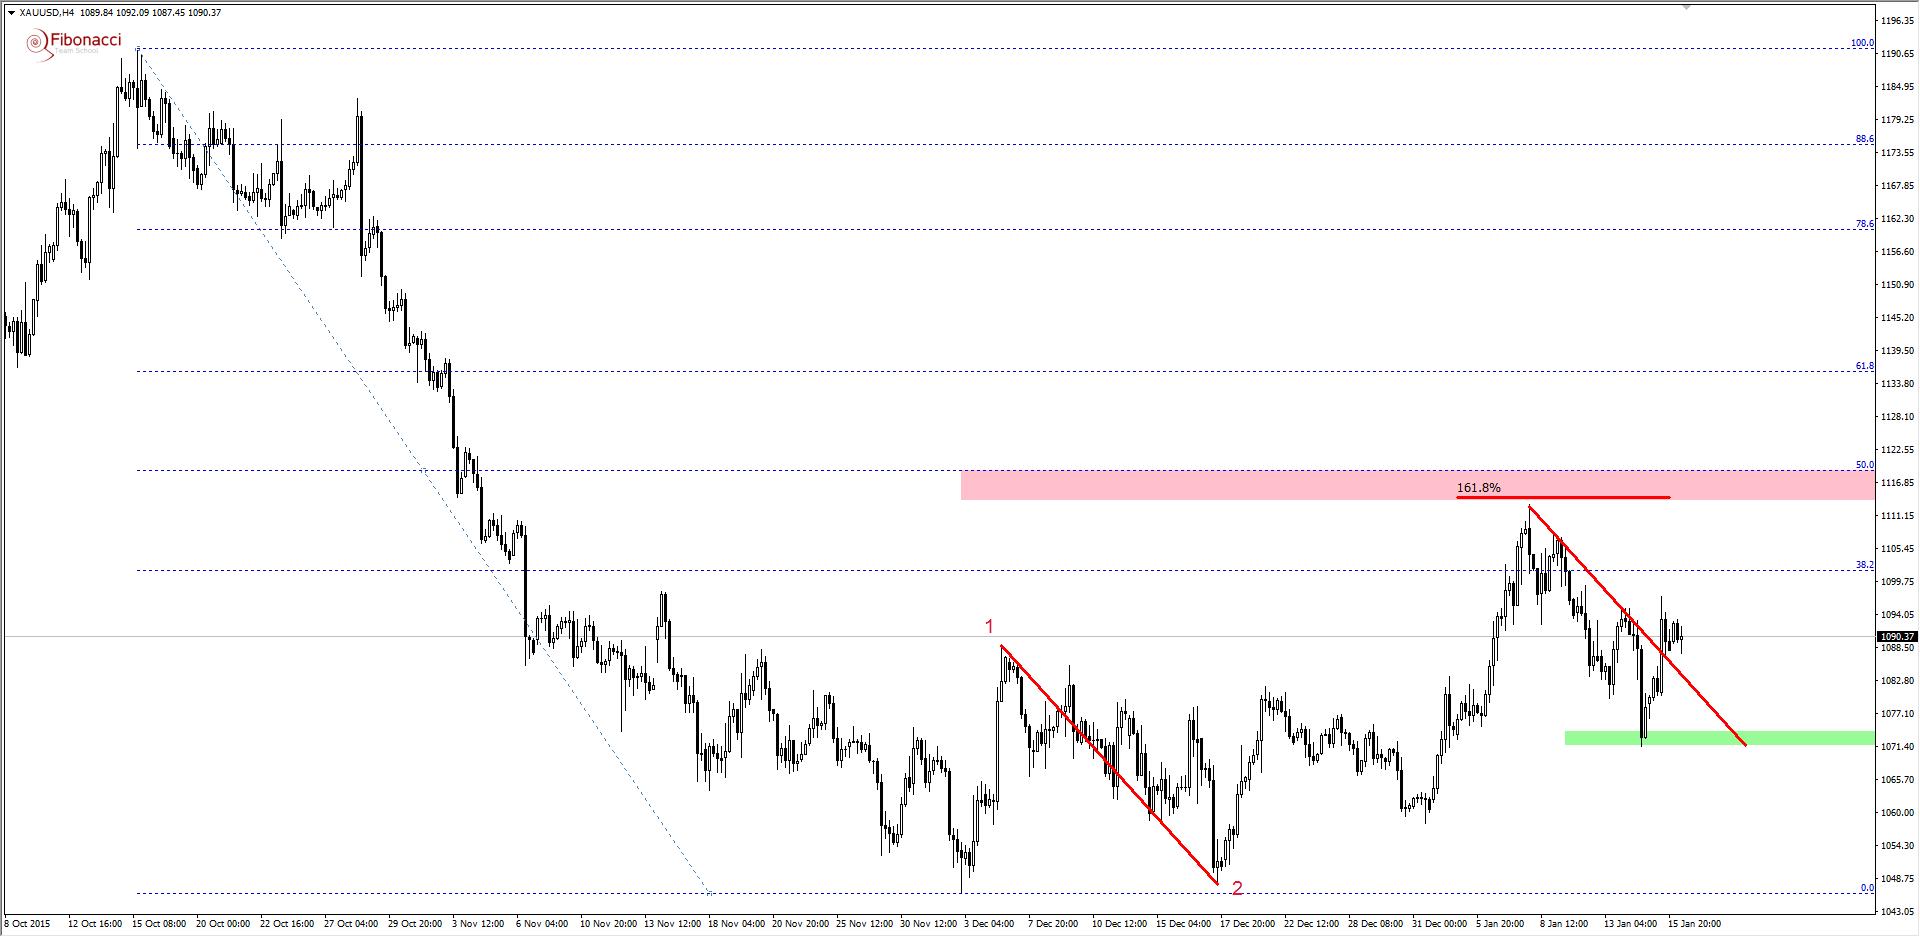 FXMAG forex harmoniczne spojrzenie na rynek złota 1